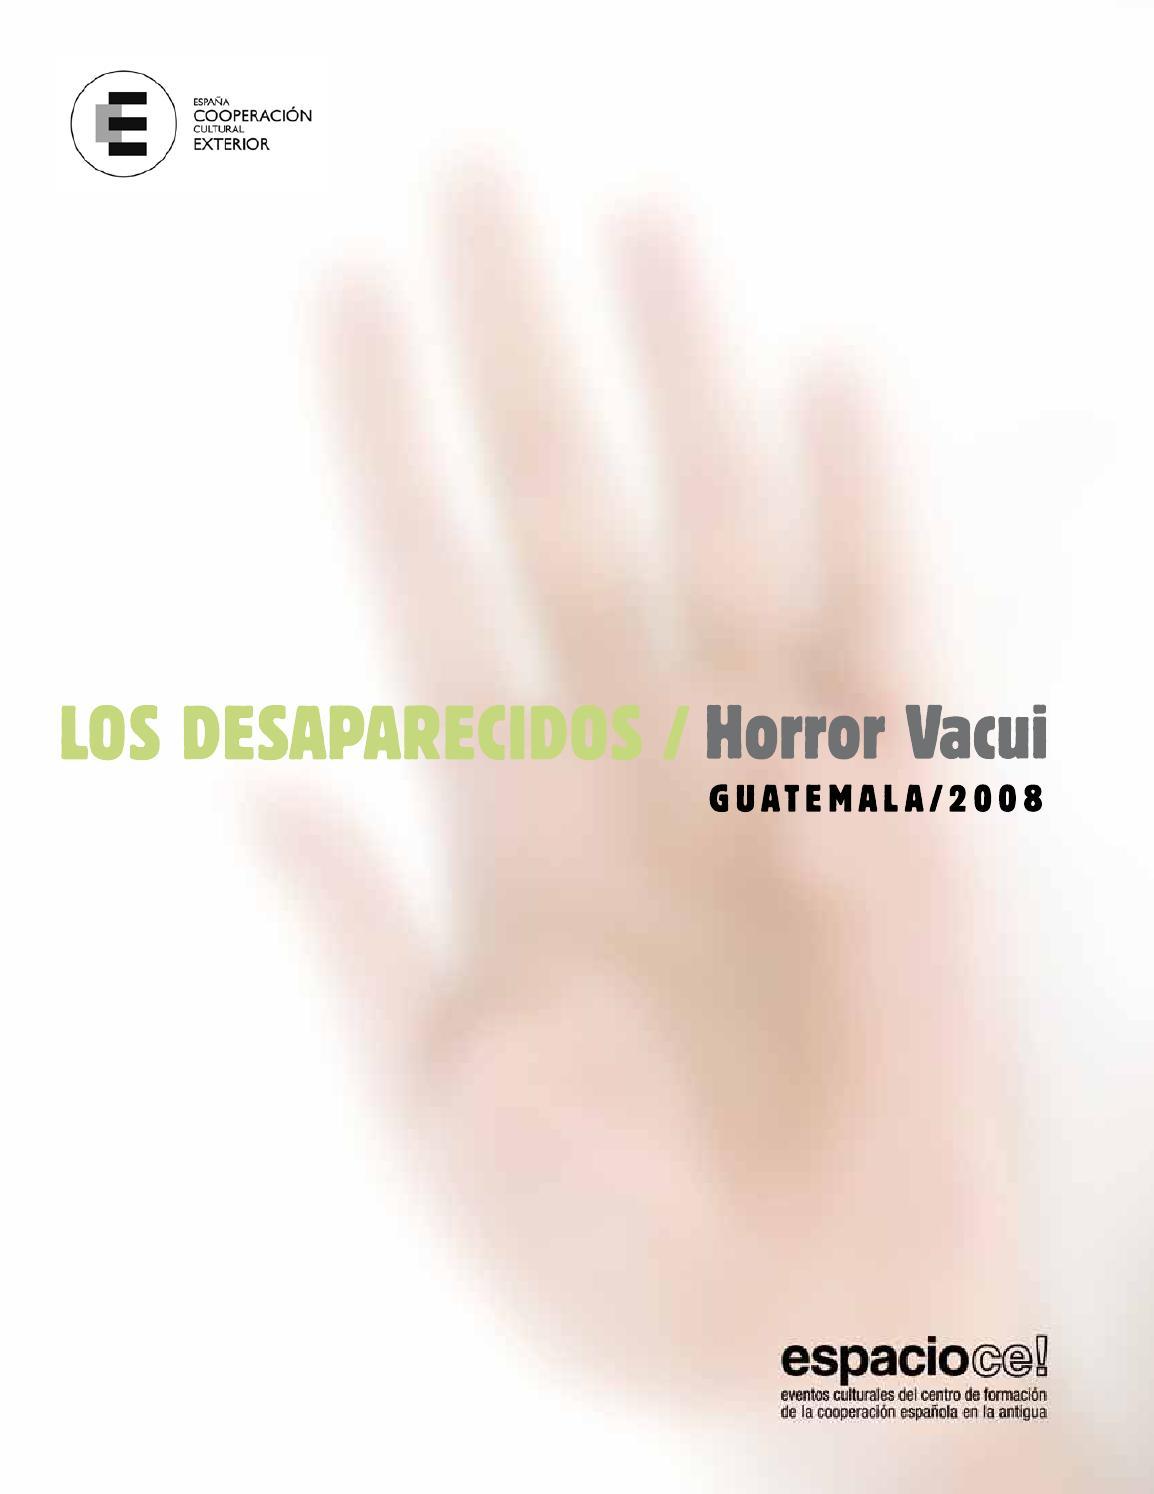 Los desaparecidos by CFCE La Antigua - issuu